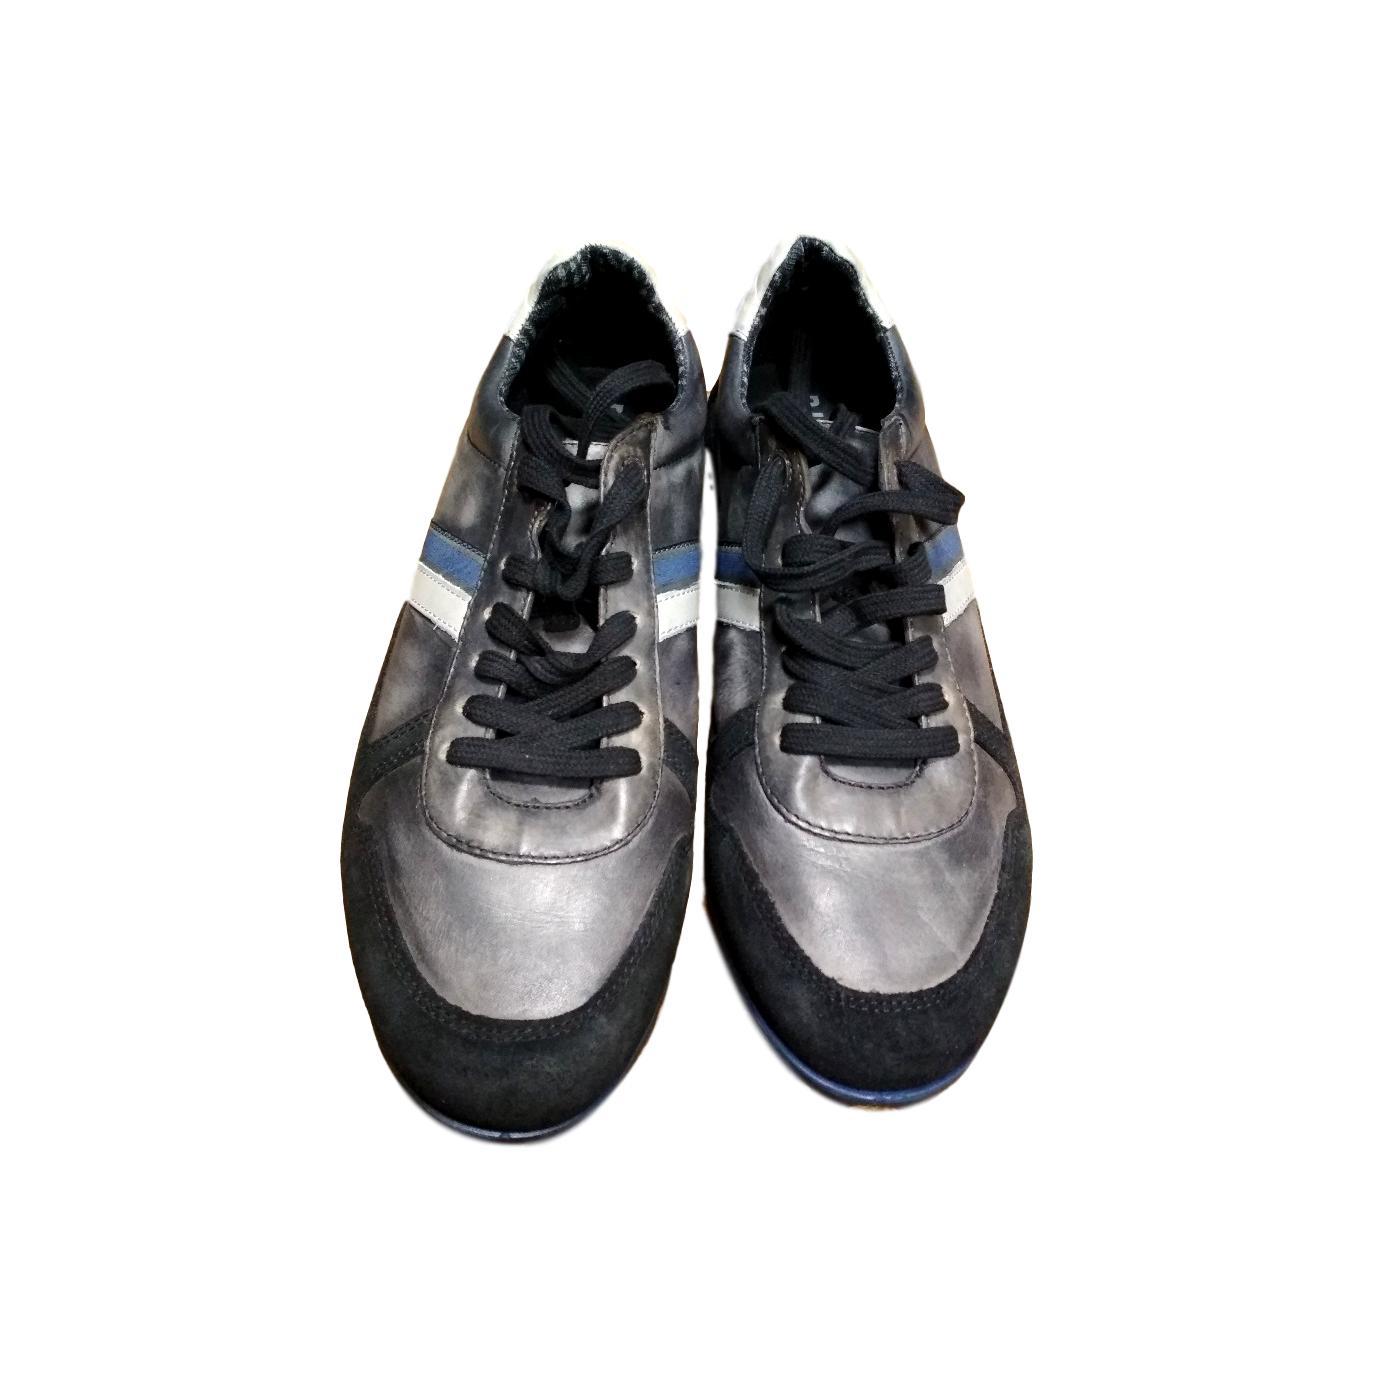 b511c71a Купить кроссовки Bikkembergs за 4800 руб. в интернет магазине ...